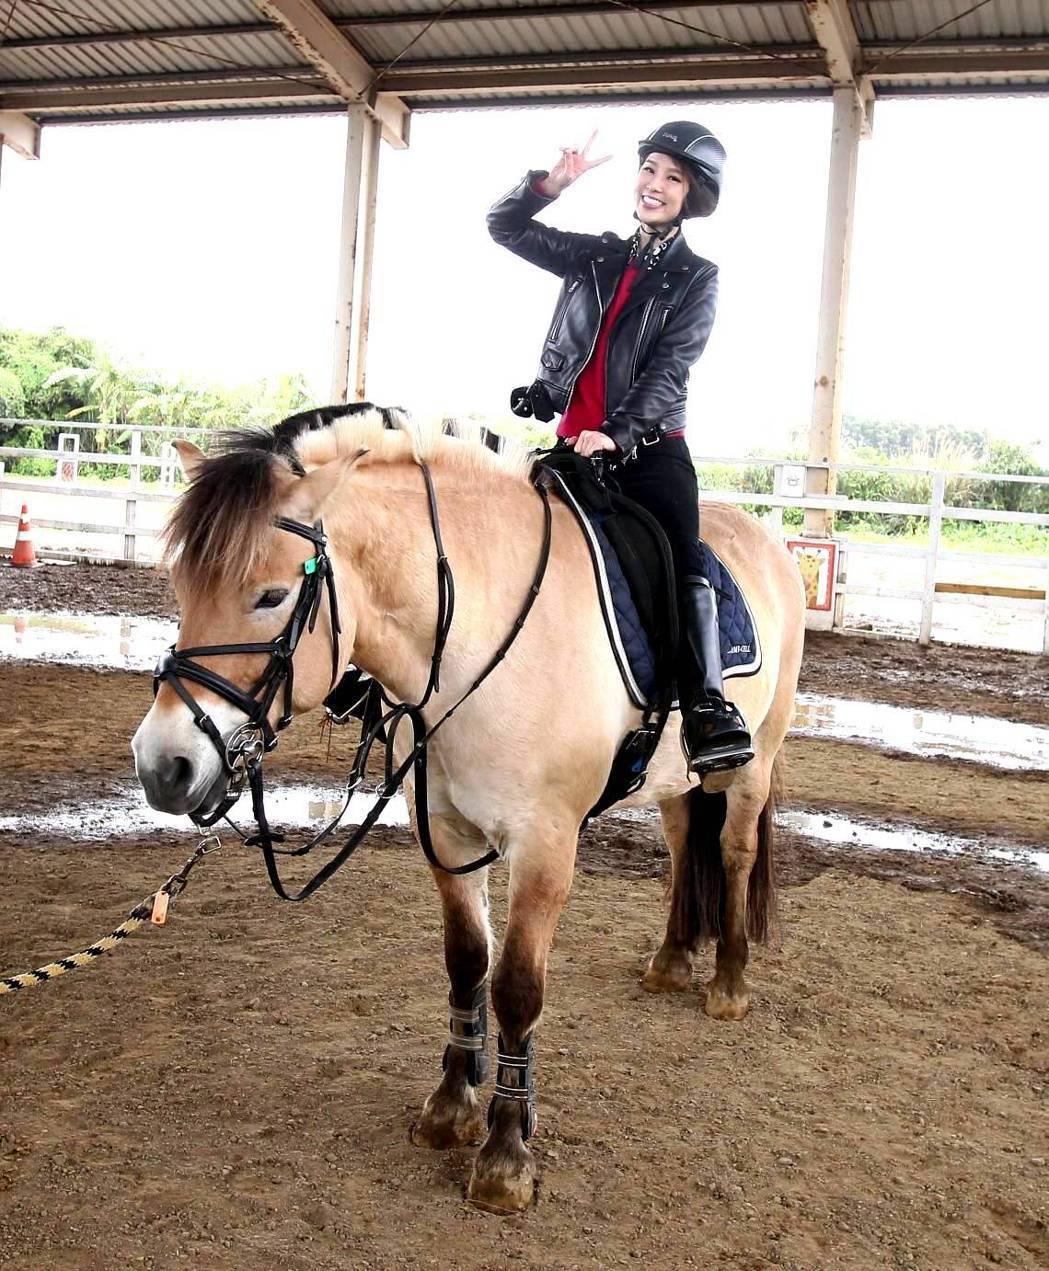 張齡予騎馬故做鎮定。圖/三立提供